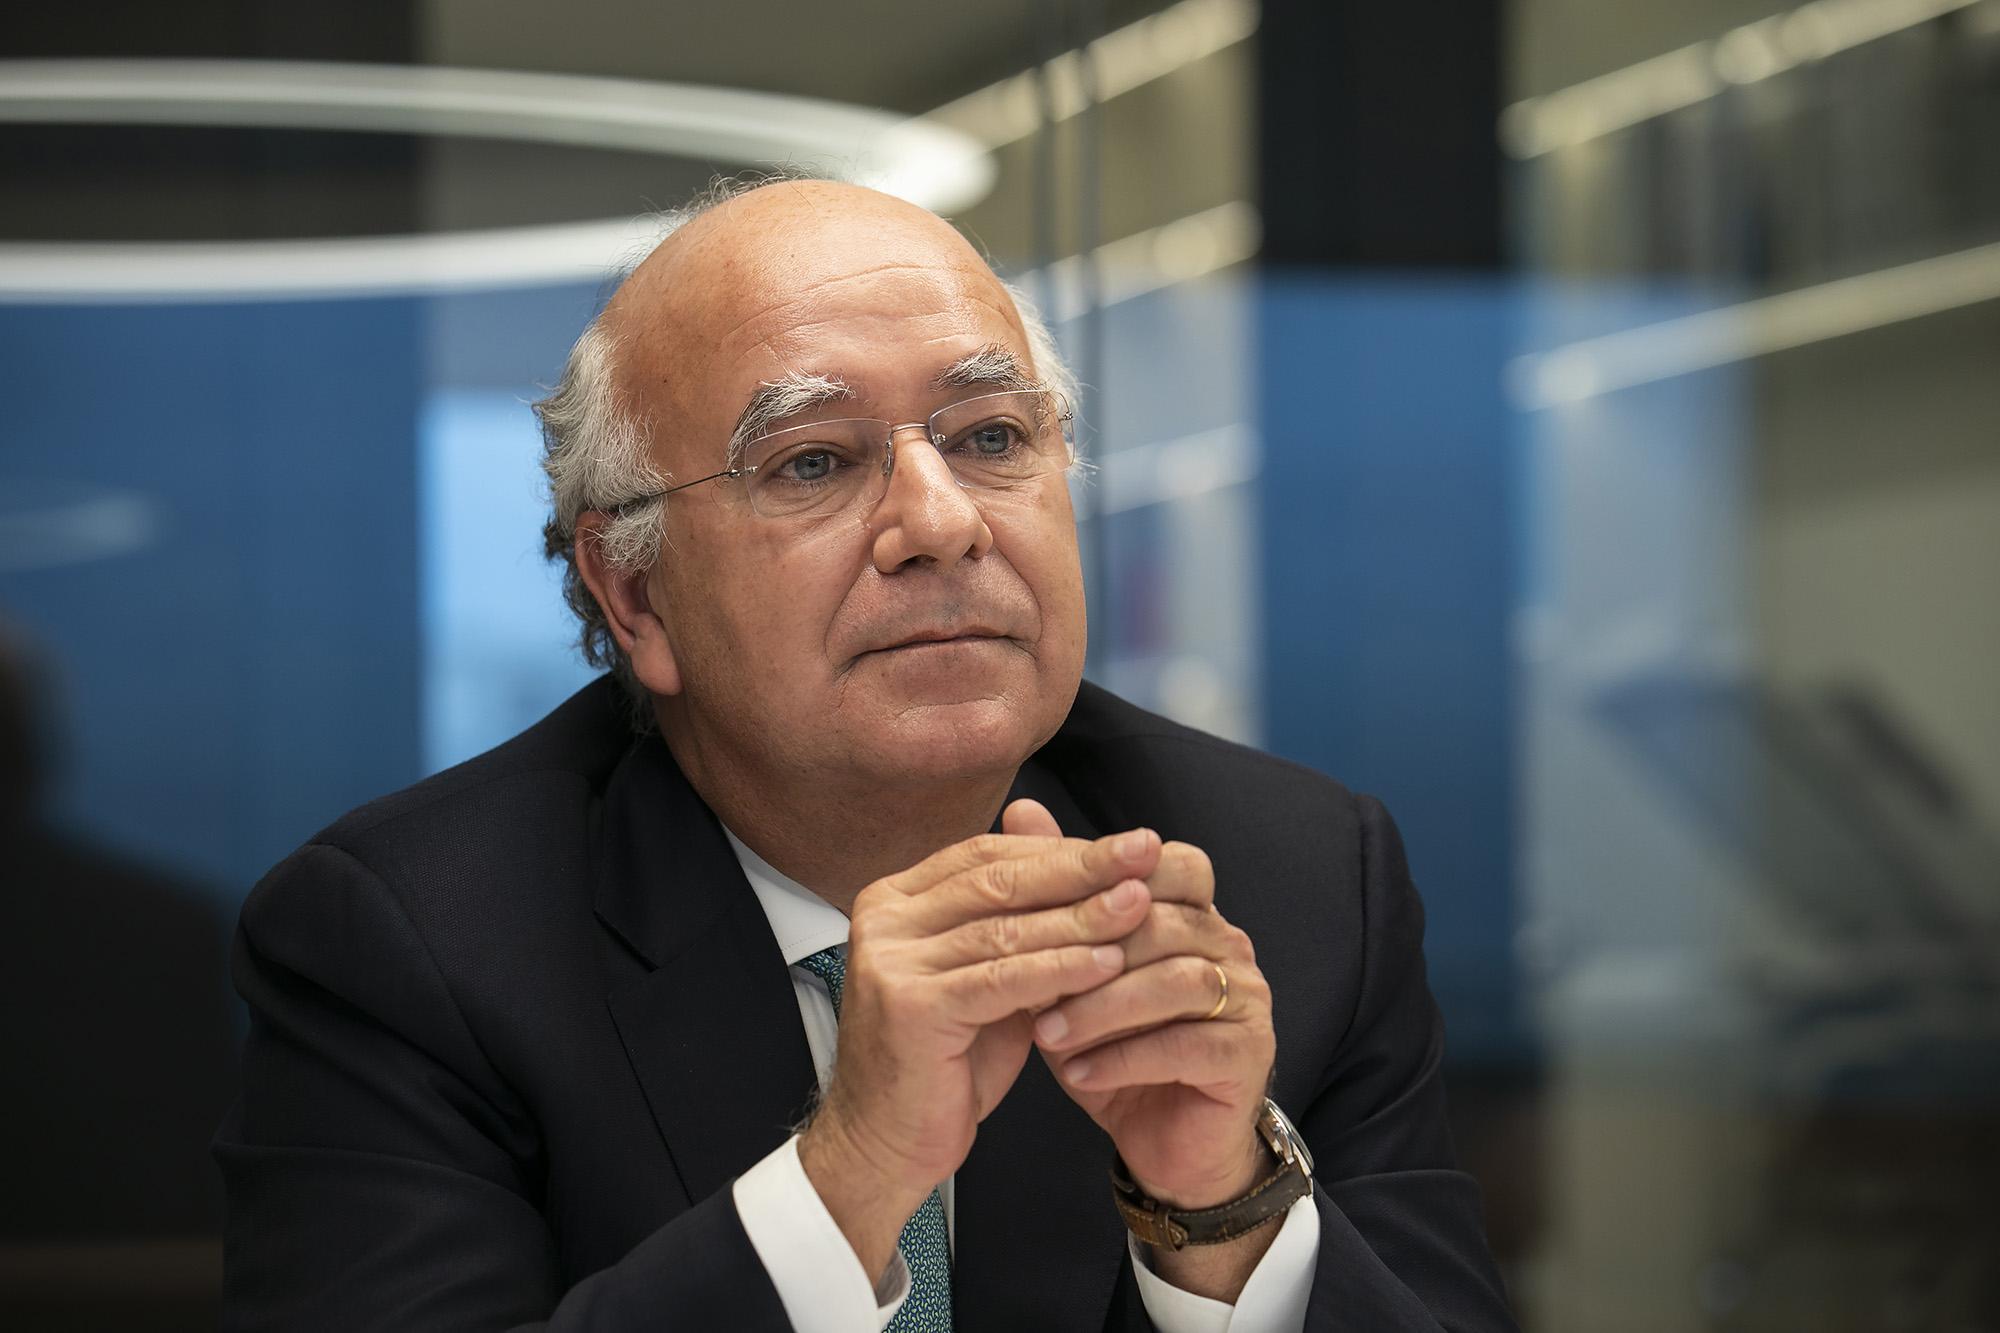 Nuno Galvão Teles, managing partner da Morais Leitão, em entrevista ao ECO/Advocatus - 16DEZ19